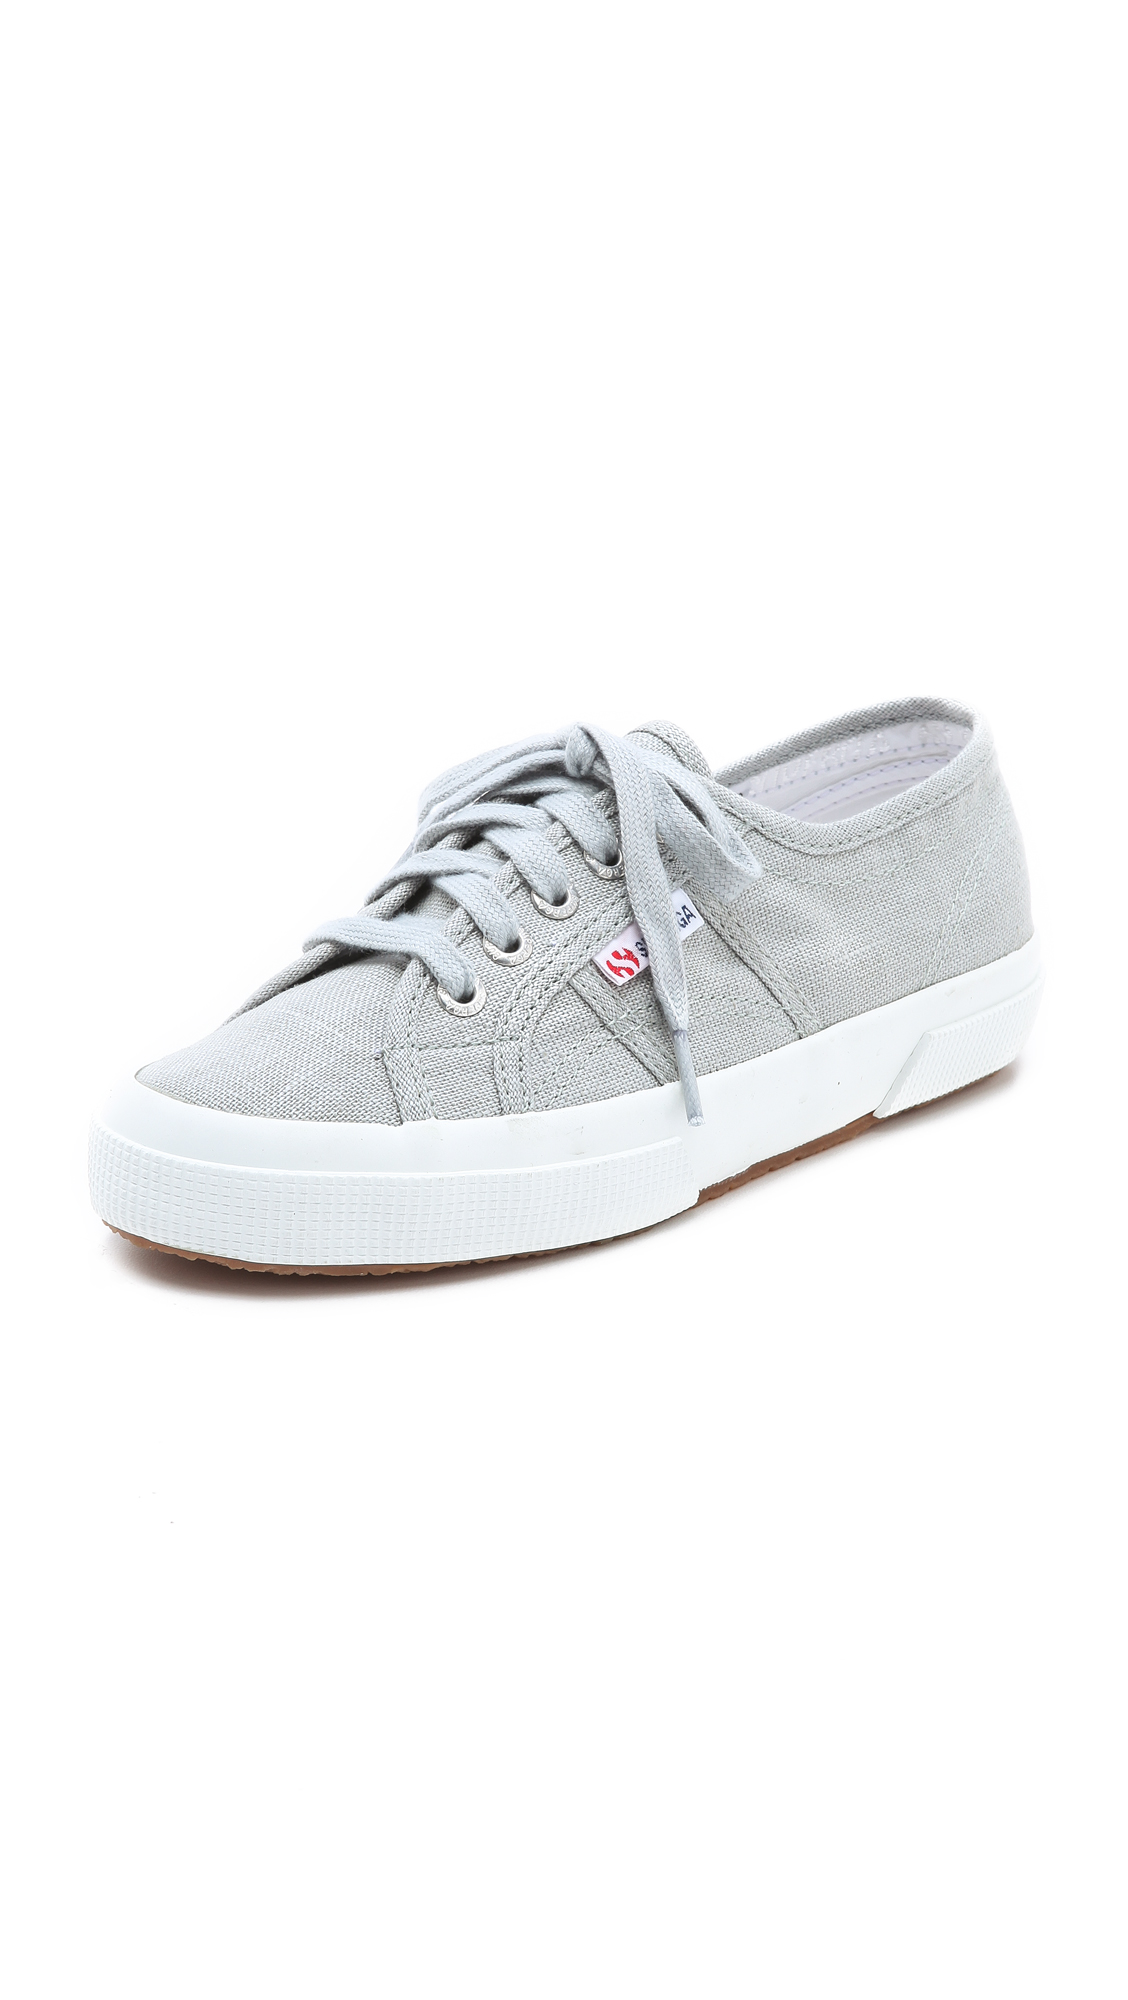 Superga: Superga Linen Sneakers In Gray (grey)